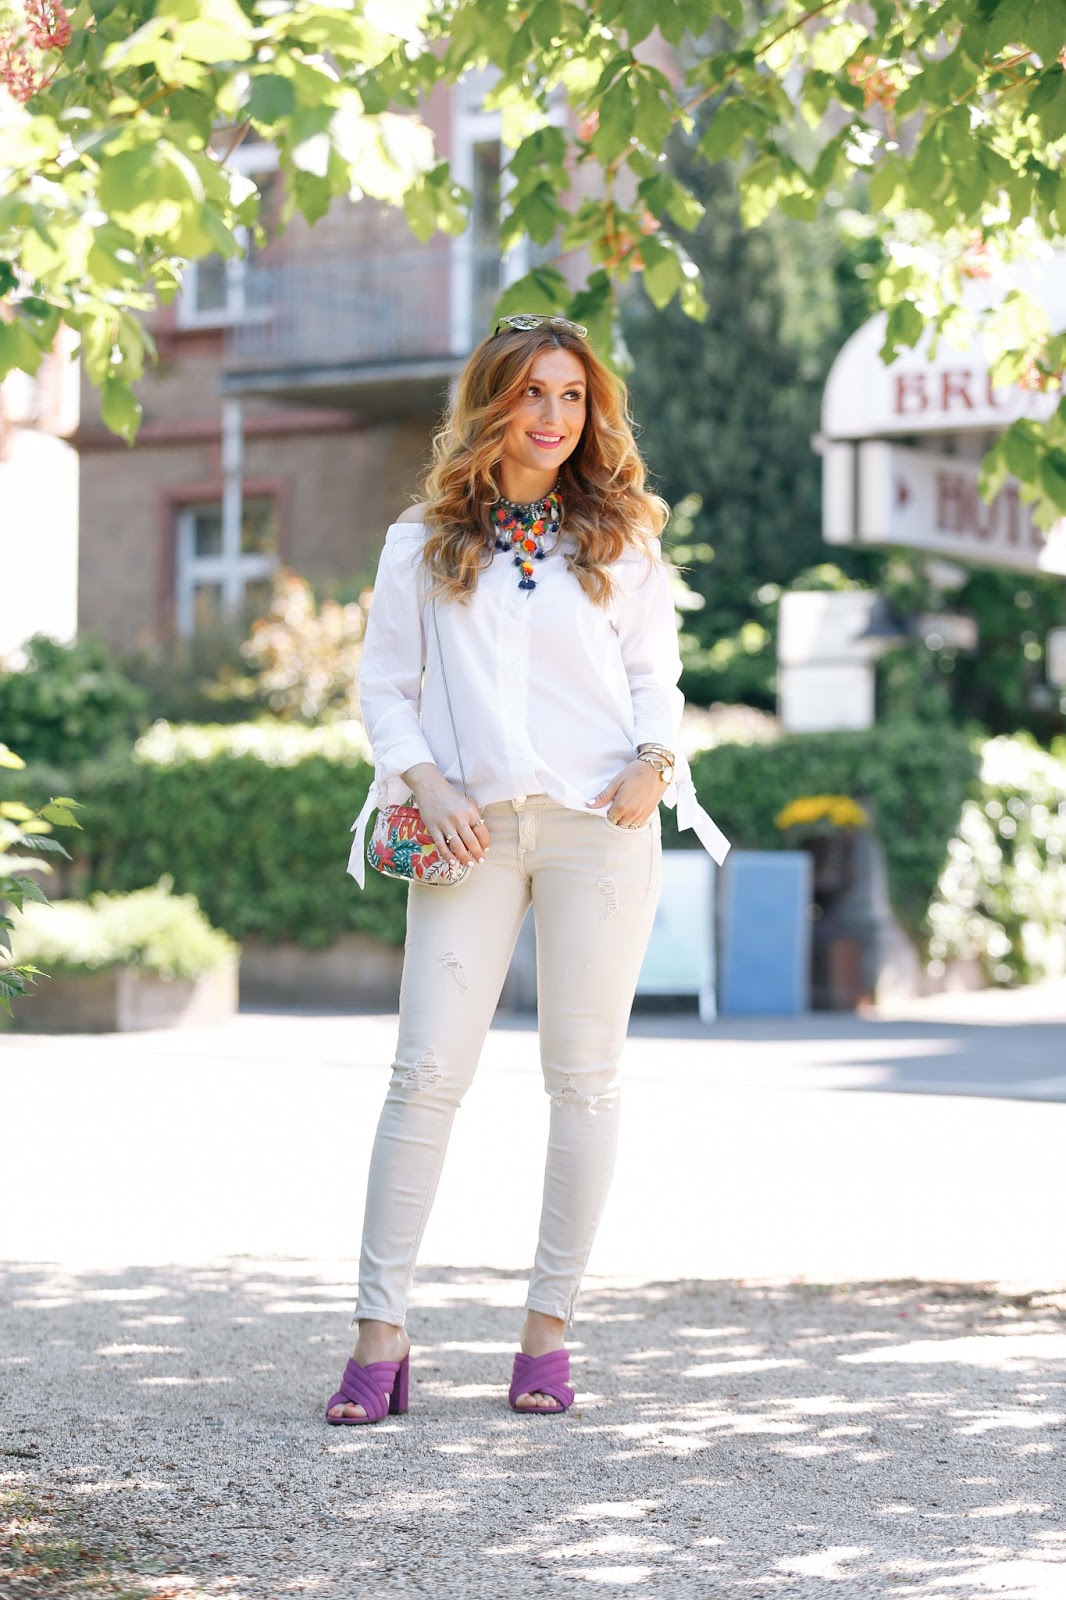 fashionstylebyjohanna-deutsche-fashionblogger-blogger-aus-deutschland